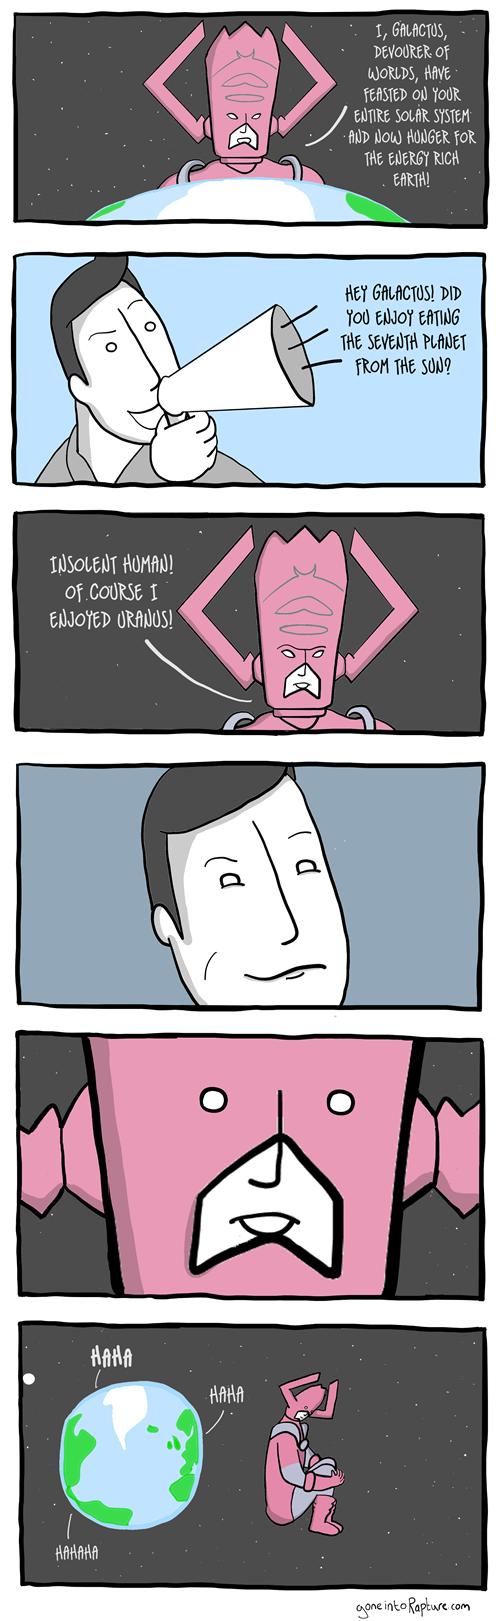 galactus Galactus Comics